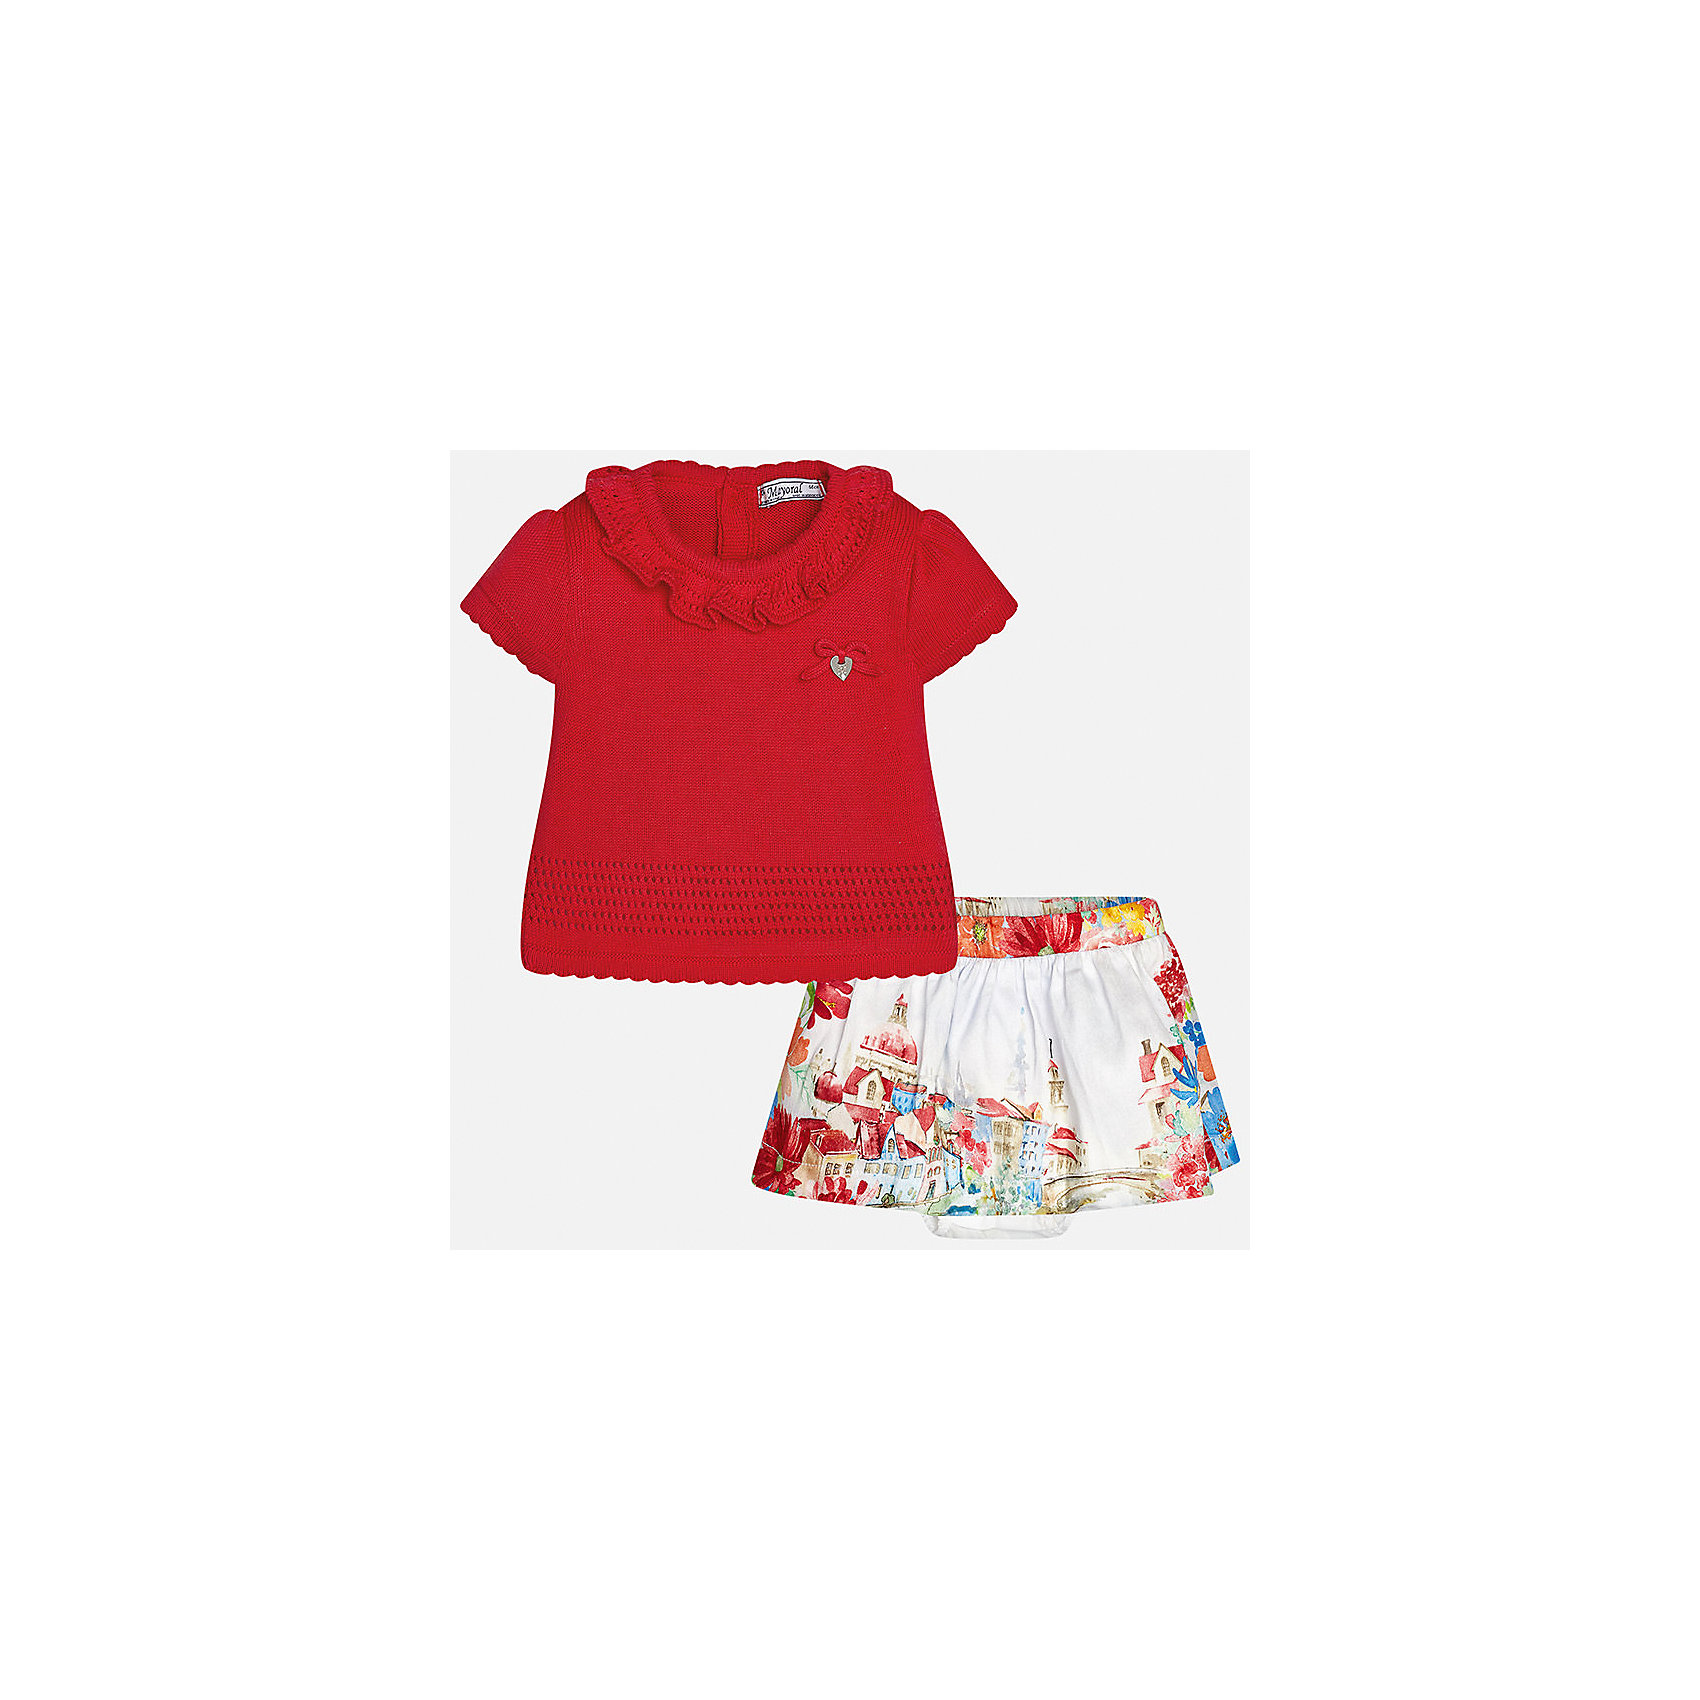 Комплект: топ и юбка для девочки MayoralКомплекты<br>Комплект: топ и юбка для девочки от известной испанской марки Mayoral.<br><br>Ширина мм: 207<br>Глубина мм: 10<br>Высота мм: 189<br>Вес г: 183<br>Цвет: красный<br>Возраст от месяцев: 6<br>Возраст до месяцев: 9<br>Пол: Женский<br>Возраст: Детский<br>Размер: 74,80,86,92<br>SKU: 5289248